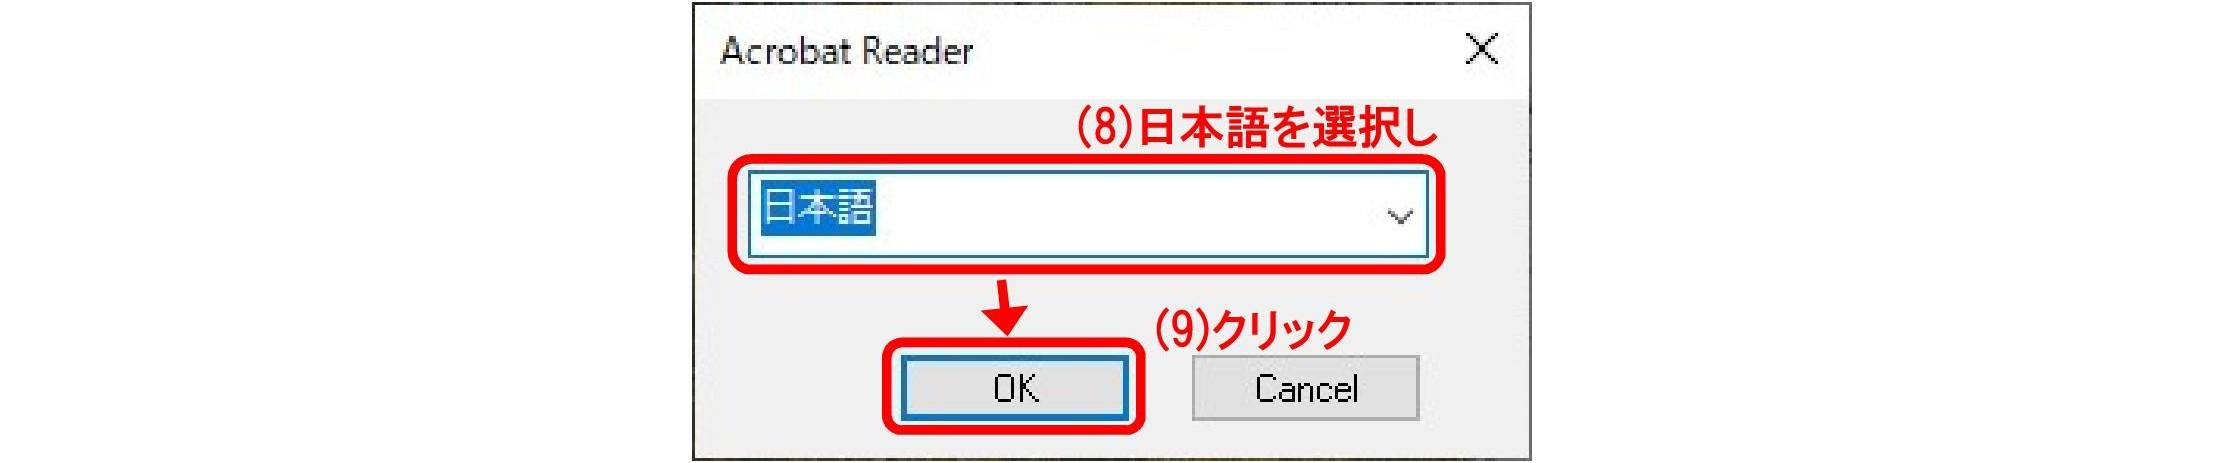 ファイル 44-6.jpg